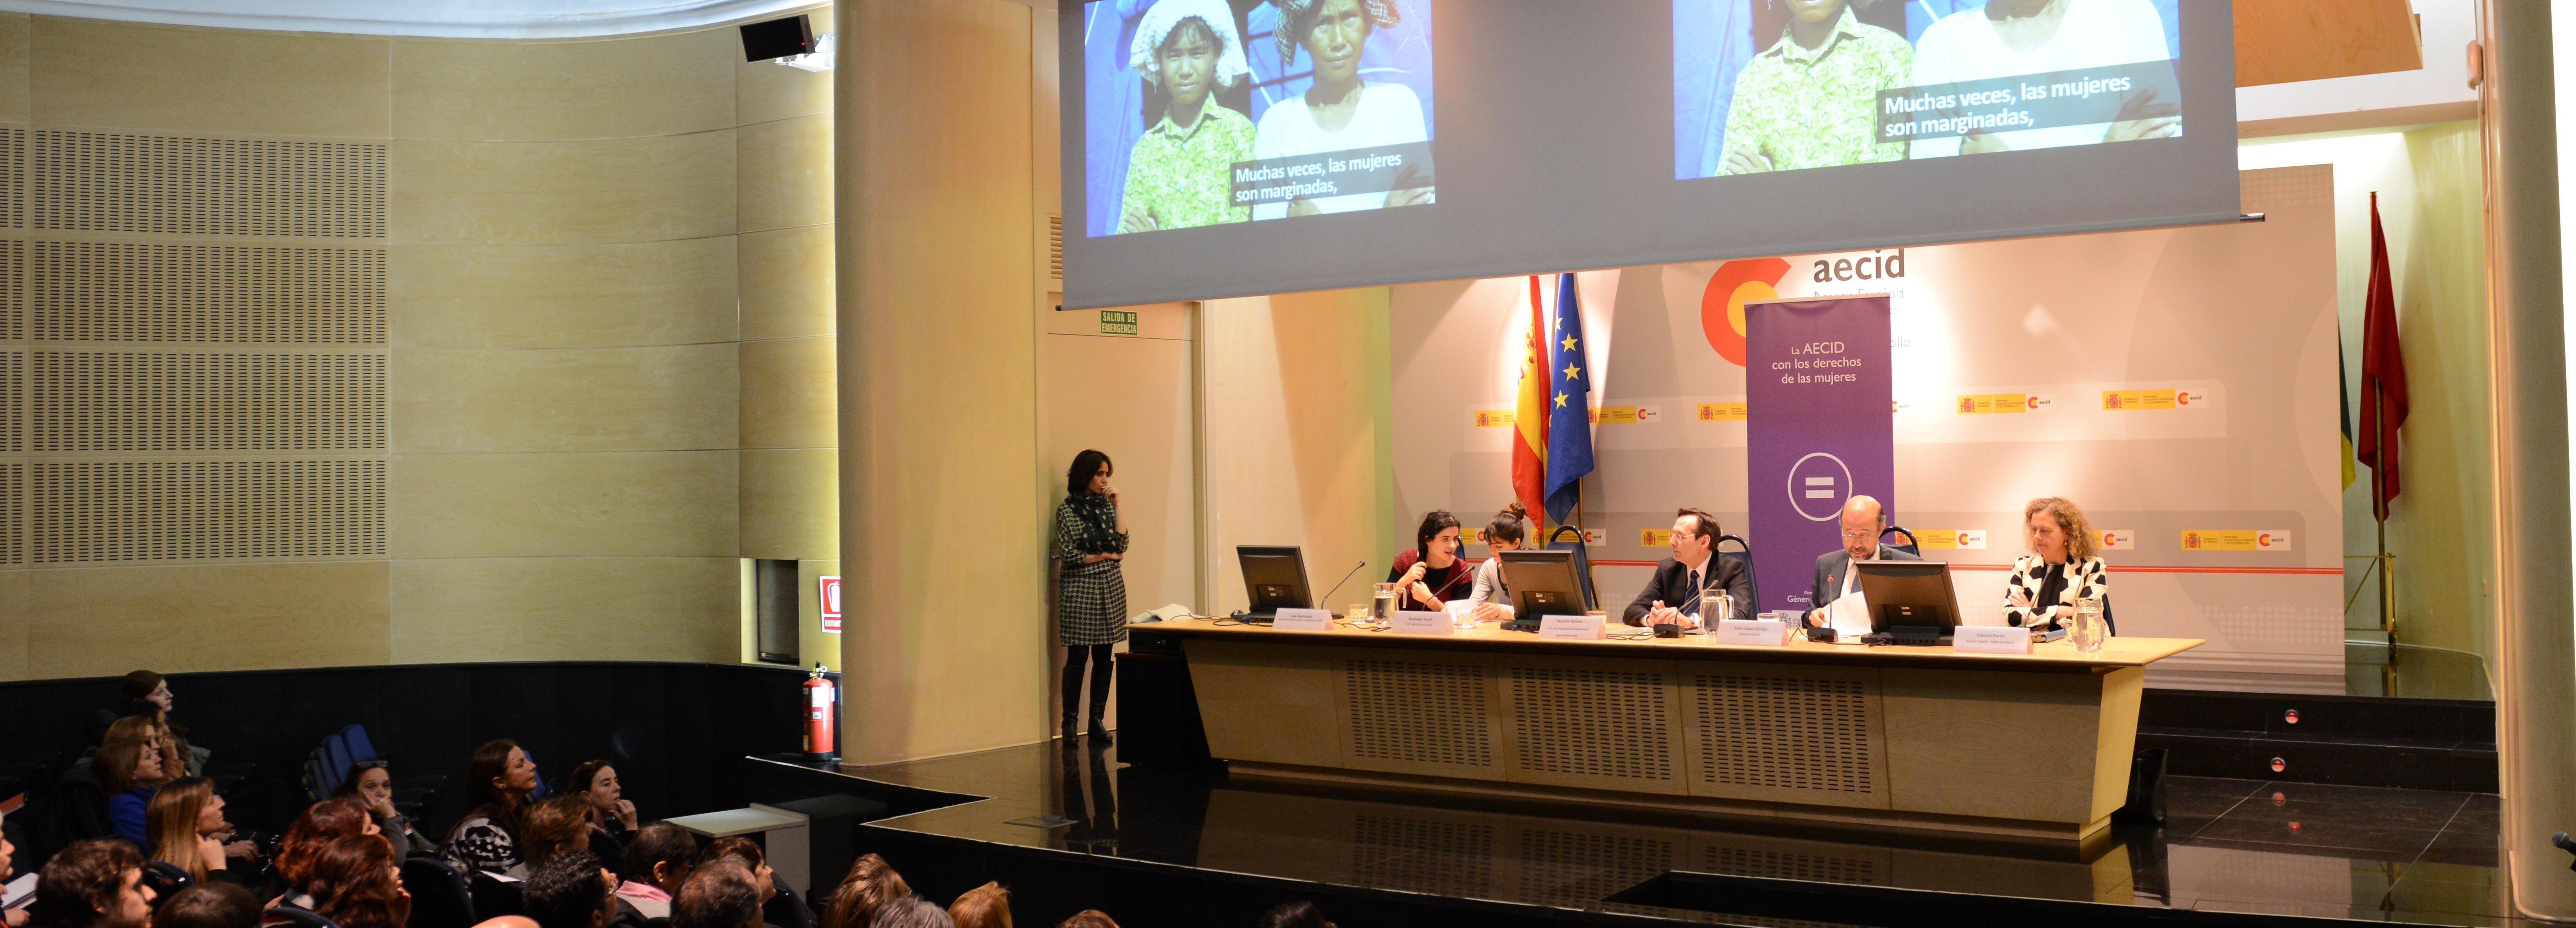 2013-03-07-dialogos aecid_derechos mujeres